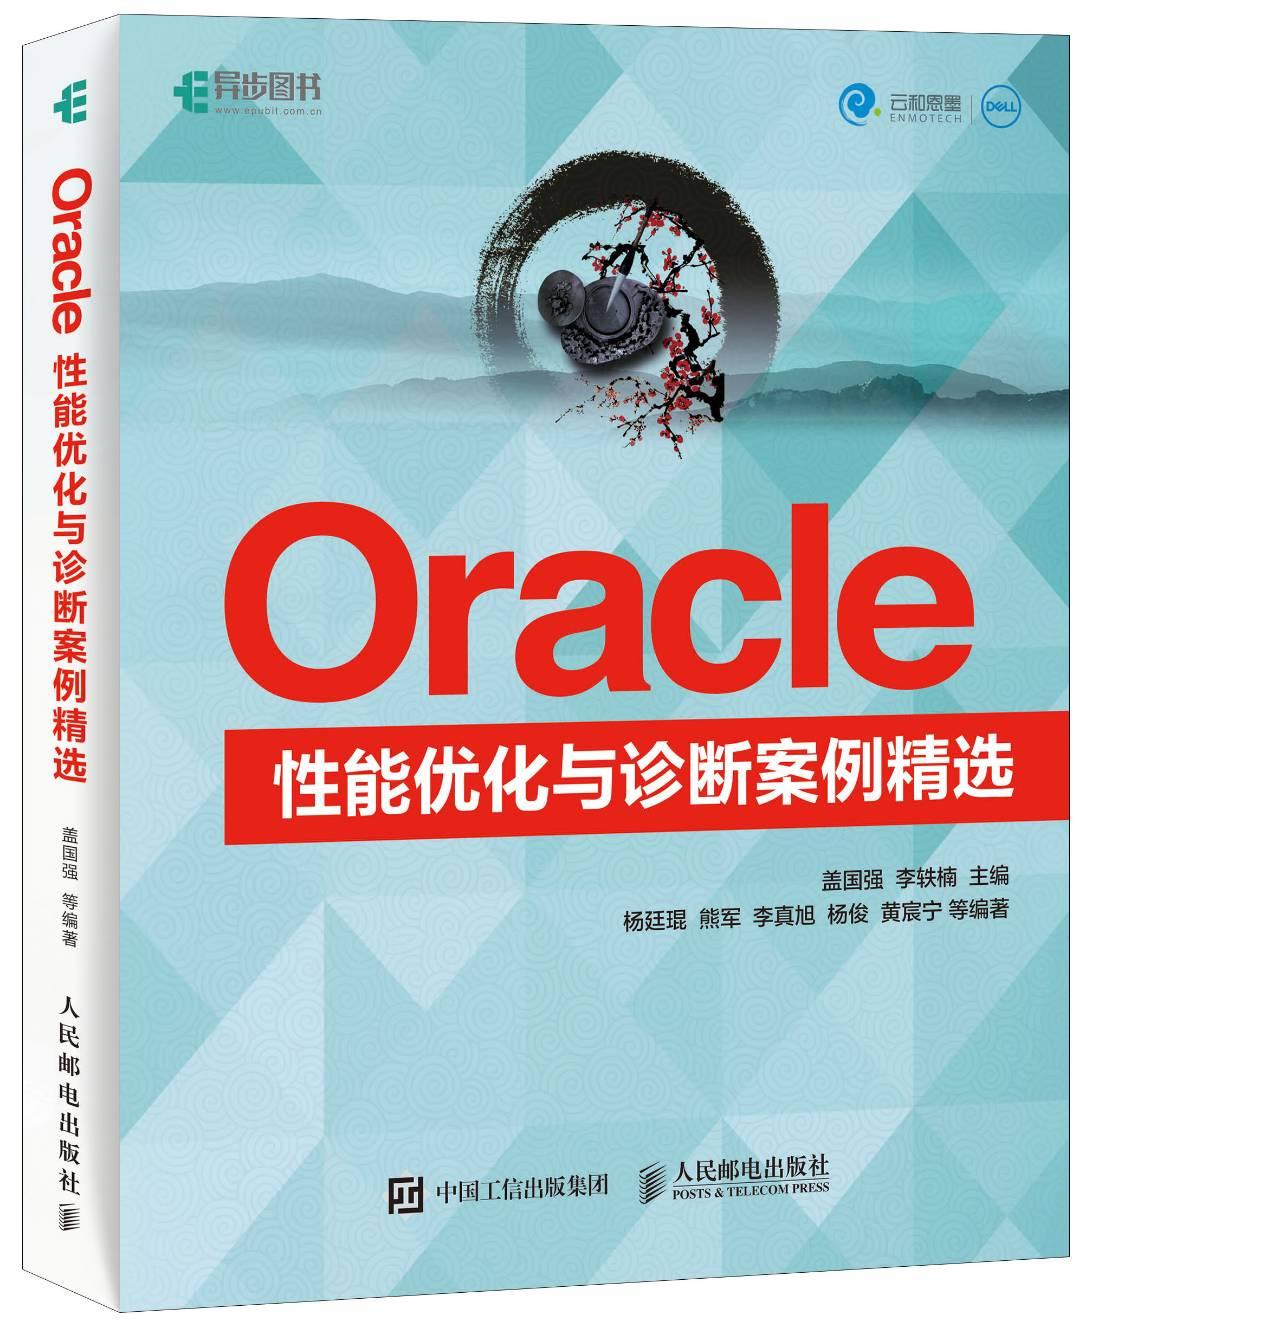 新书连载:Oracle数据库的初始化与跟踪学习方法